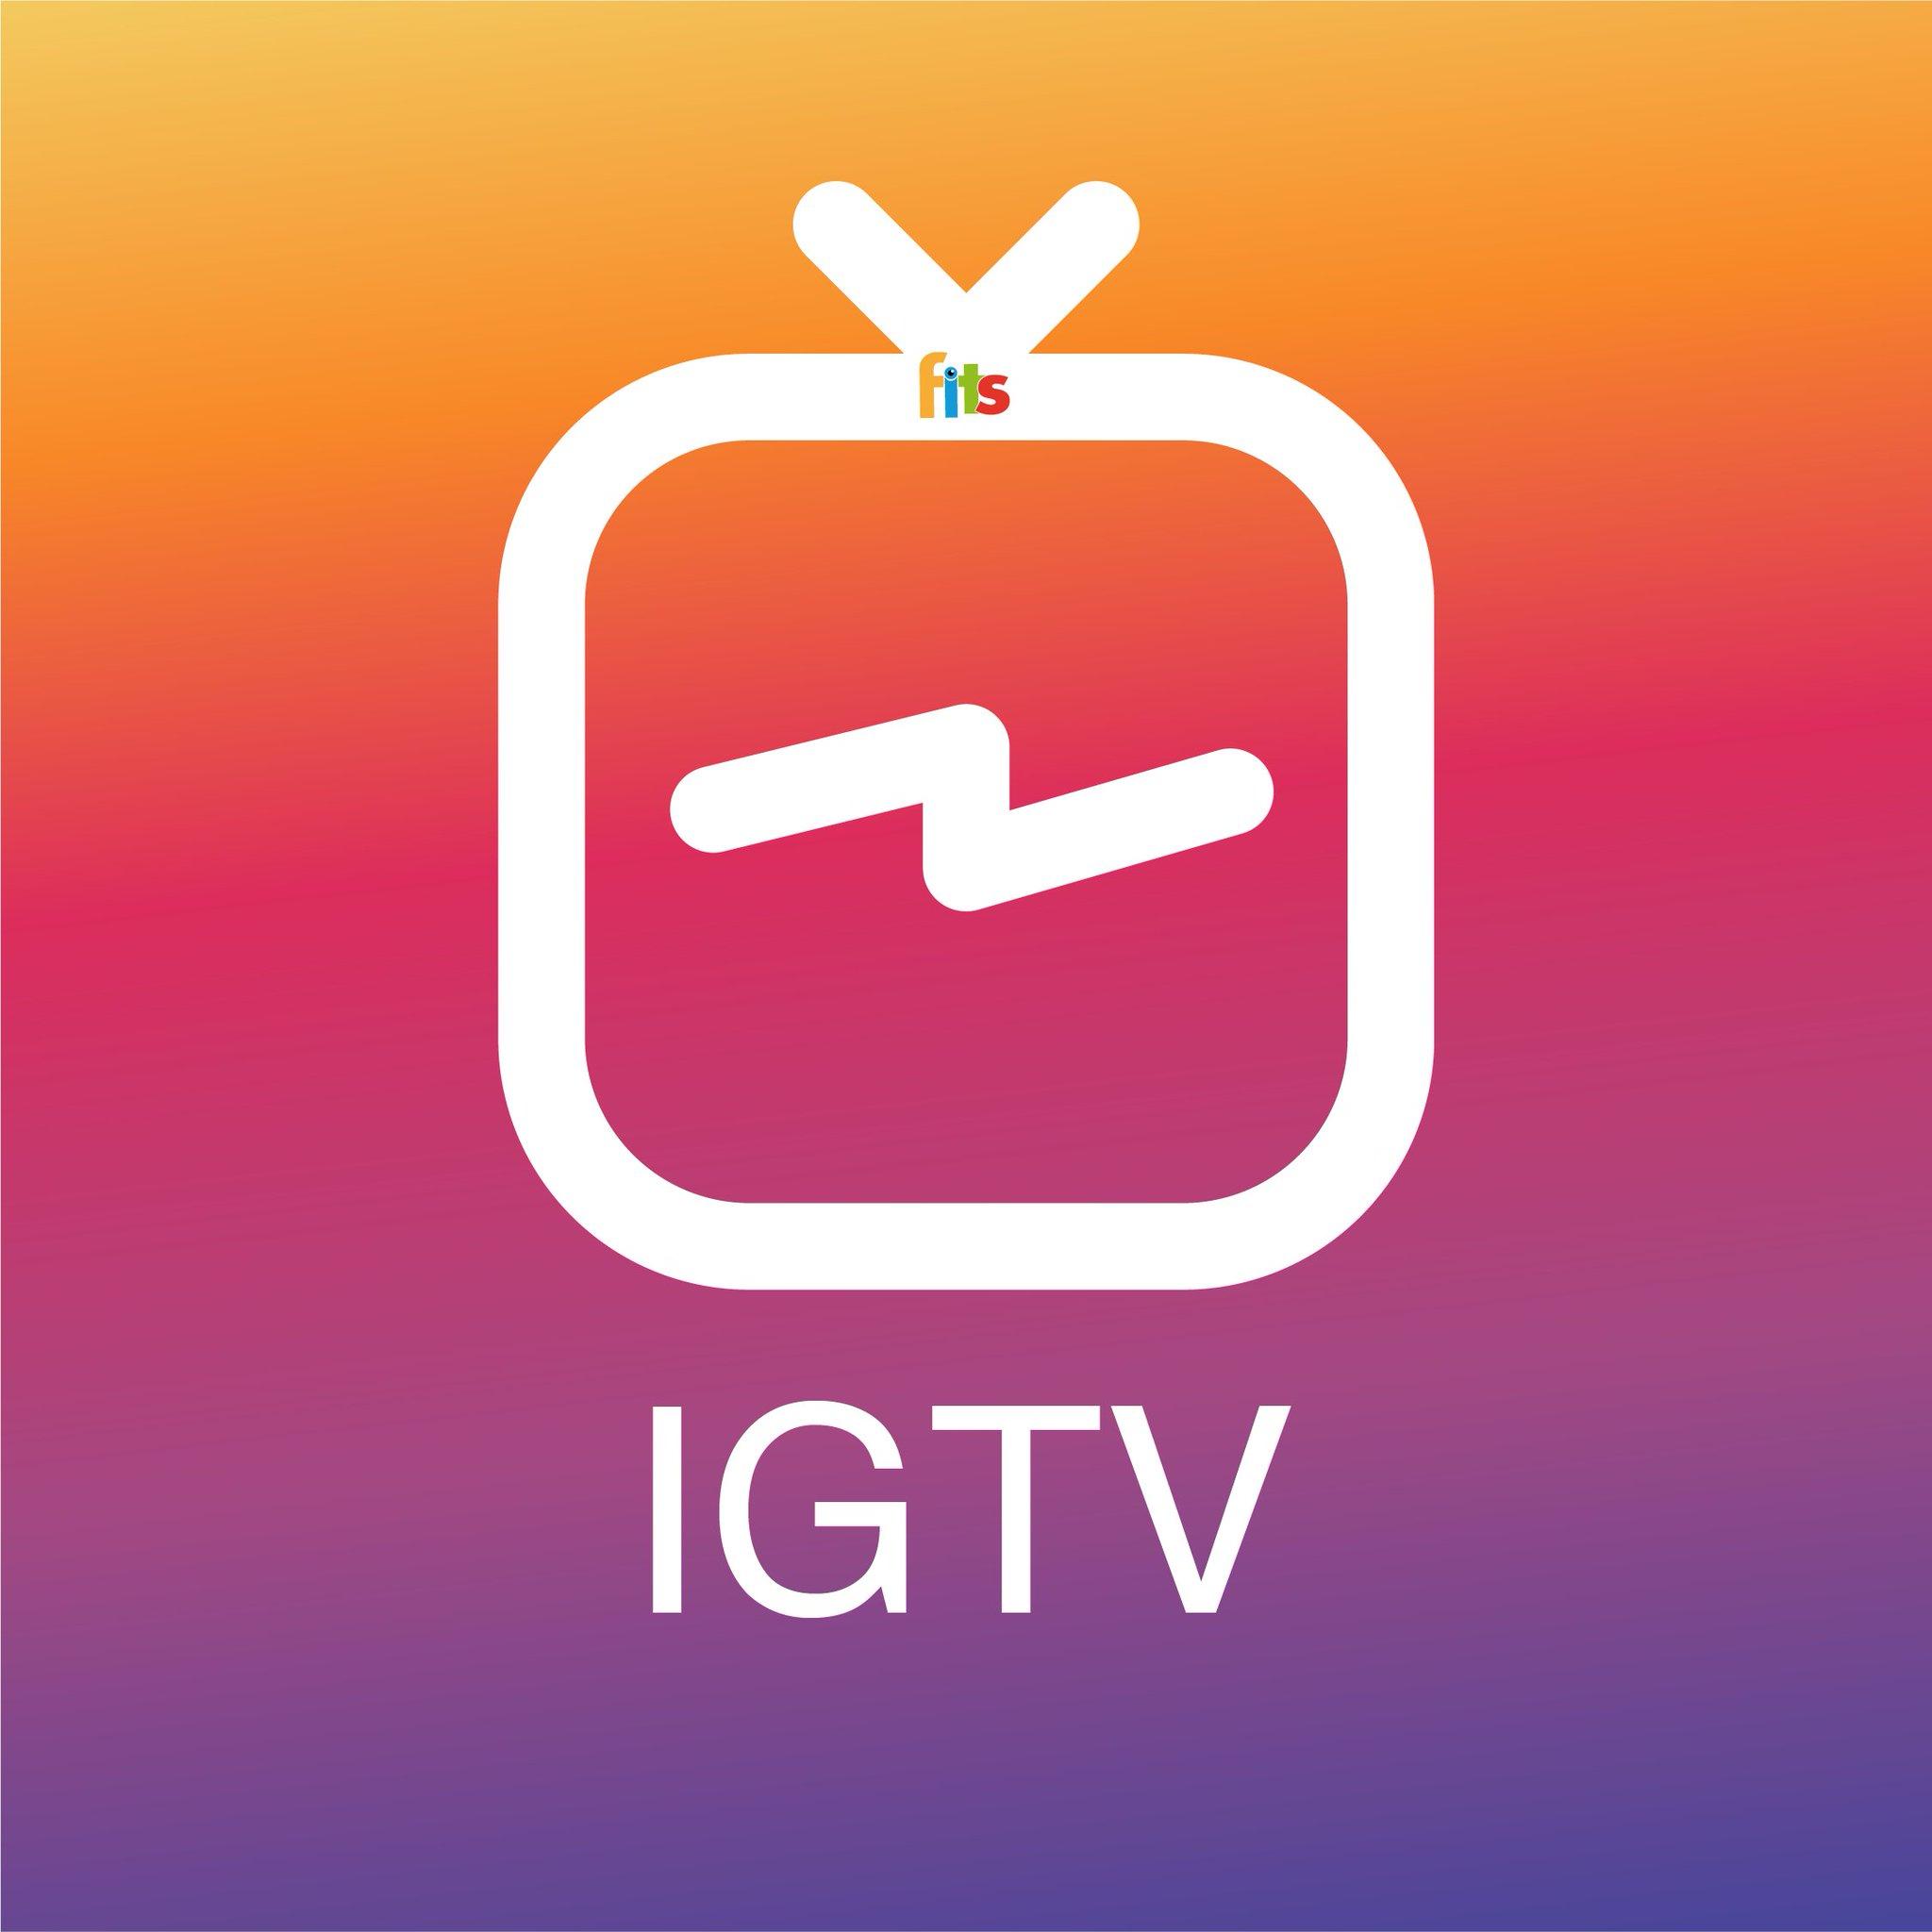 Как добавить igtv в инстаграм: в ленту или в шапку профиля   socialkit